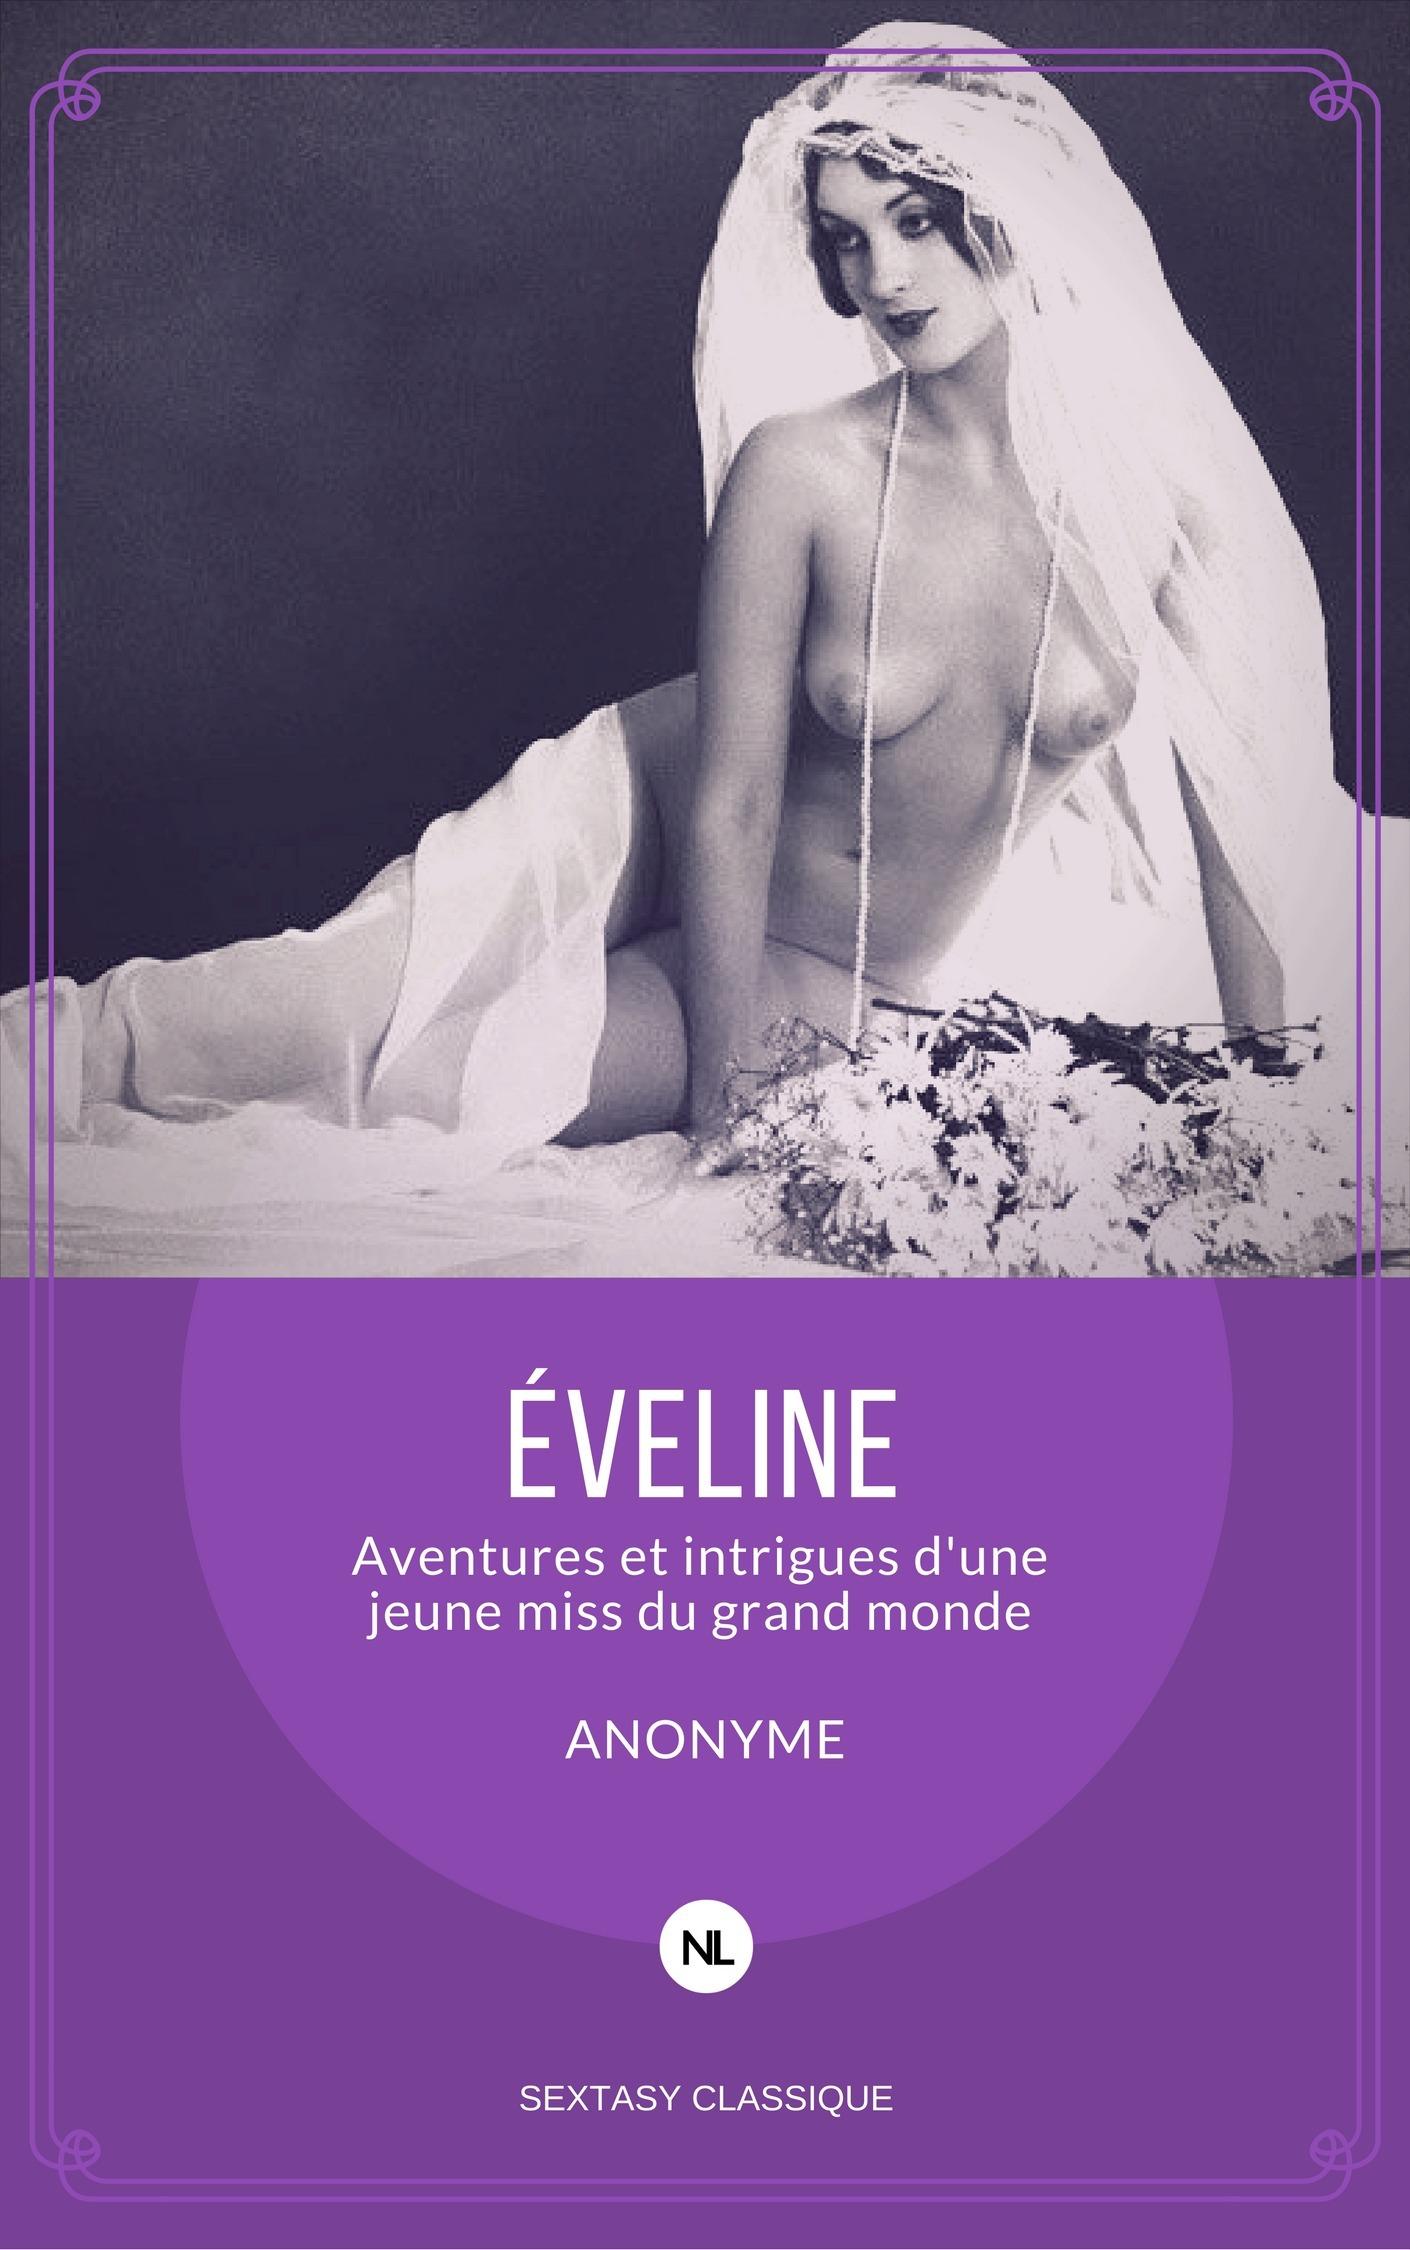 Eveline, aventures et intrigues d'une jeune miss du grand monde